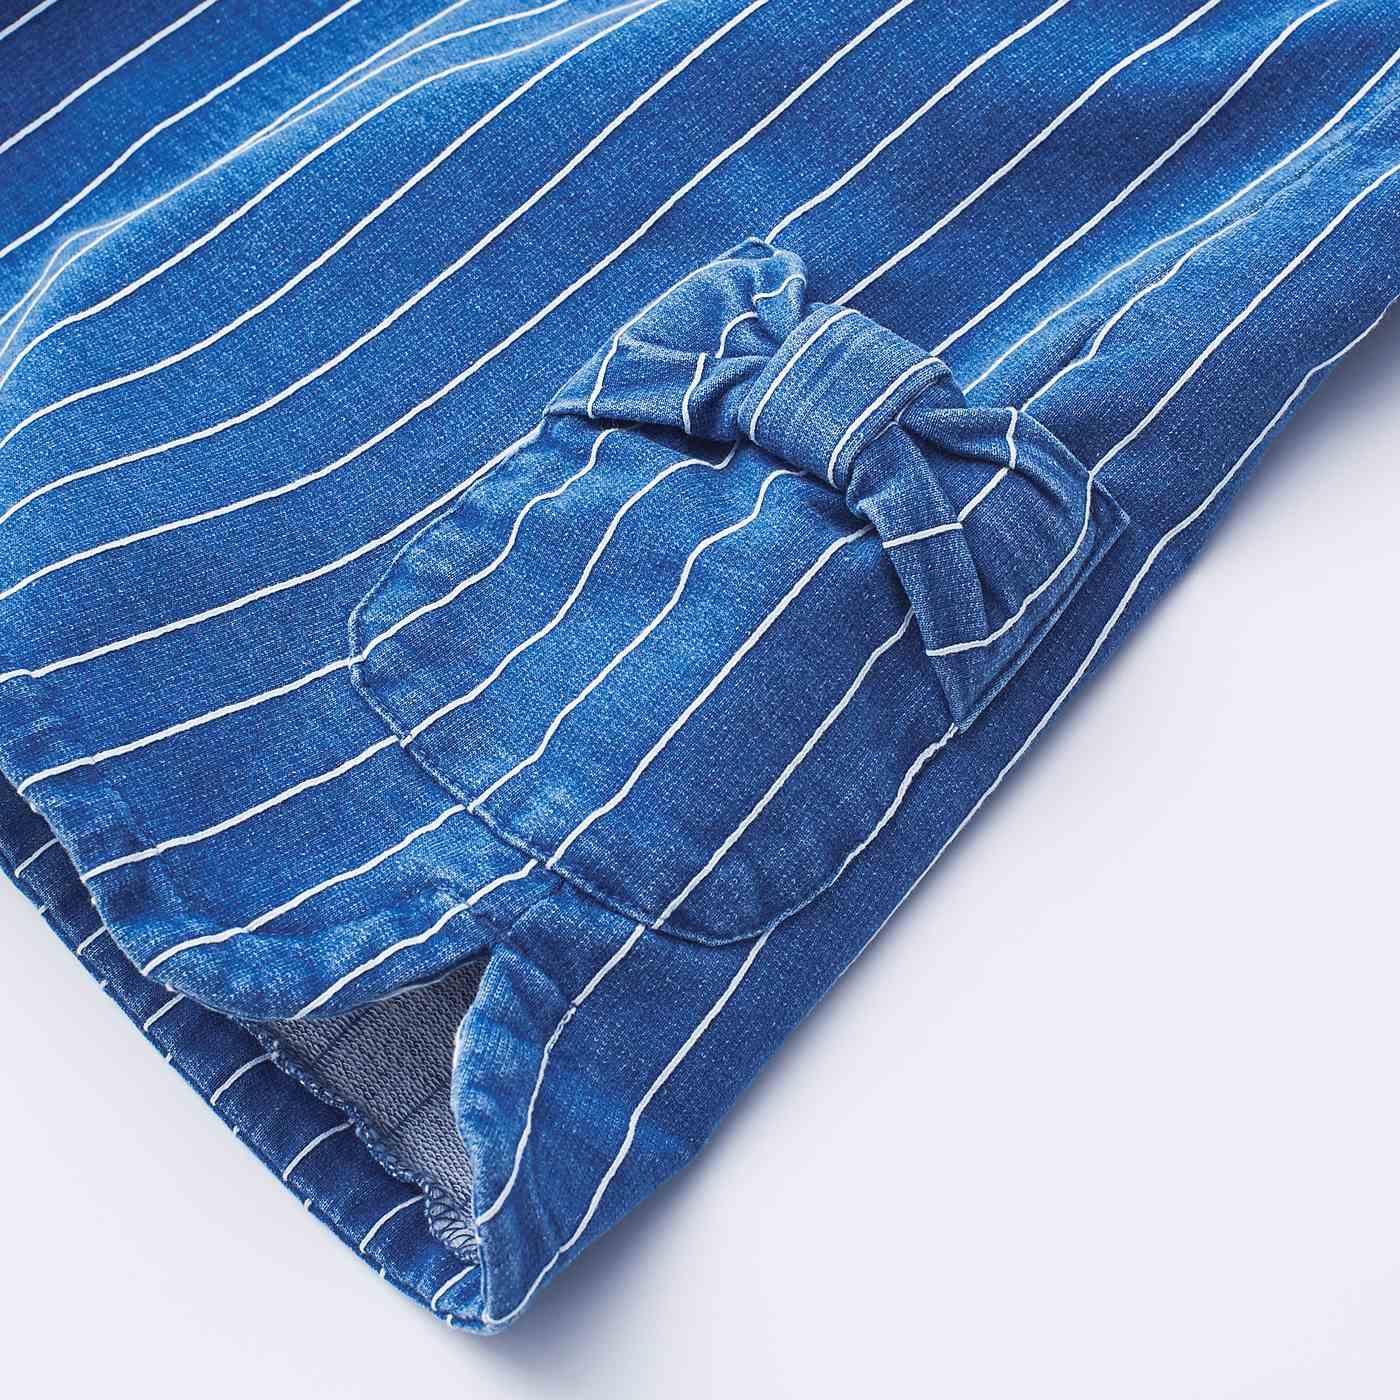 ポケット口にはリボンをあしらって、かわいさアップ!両サイドにスリット入りで、動きもらくらく。